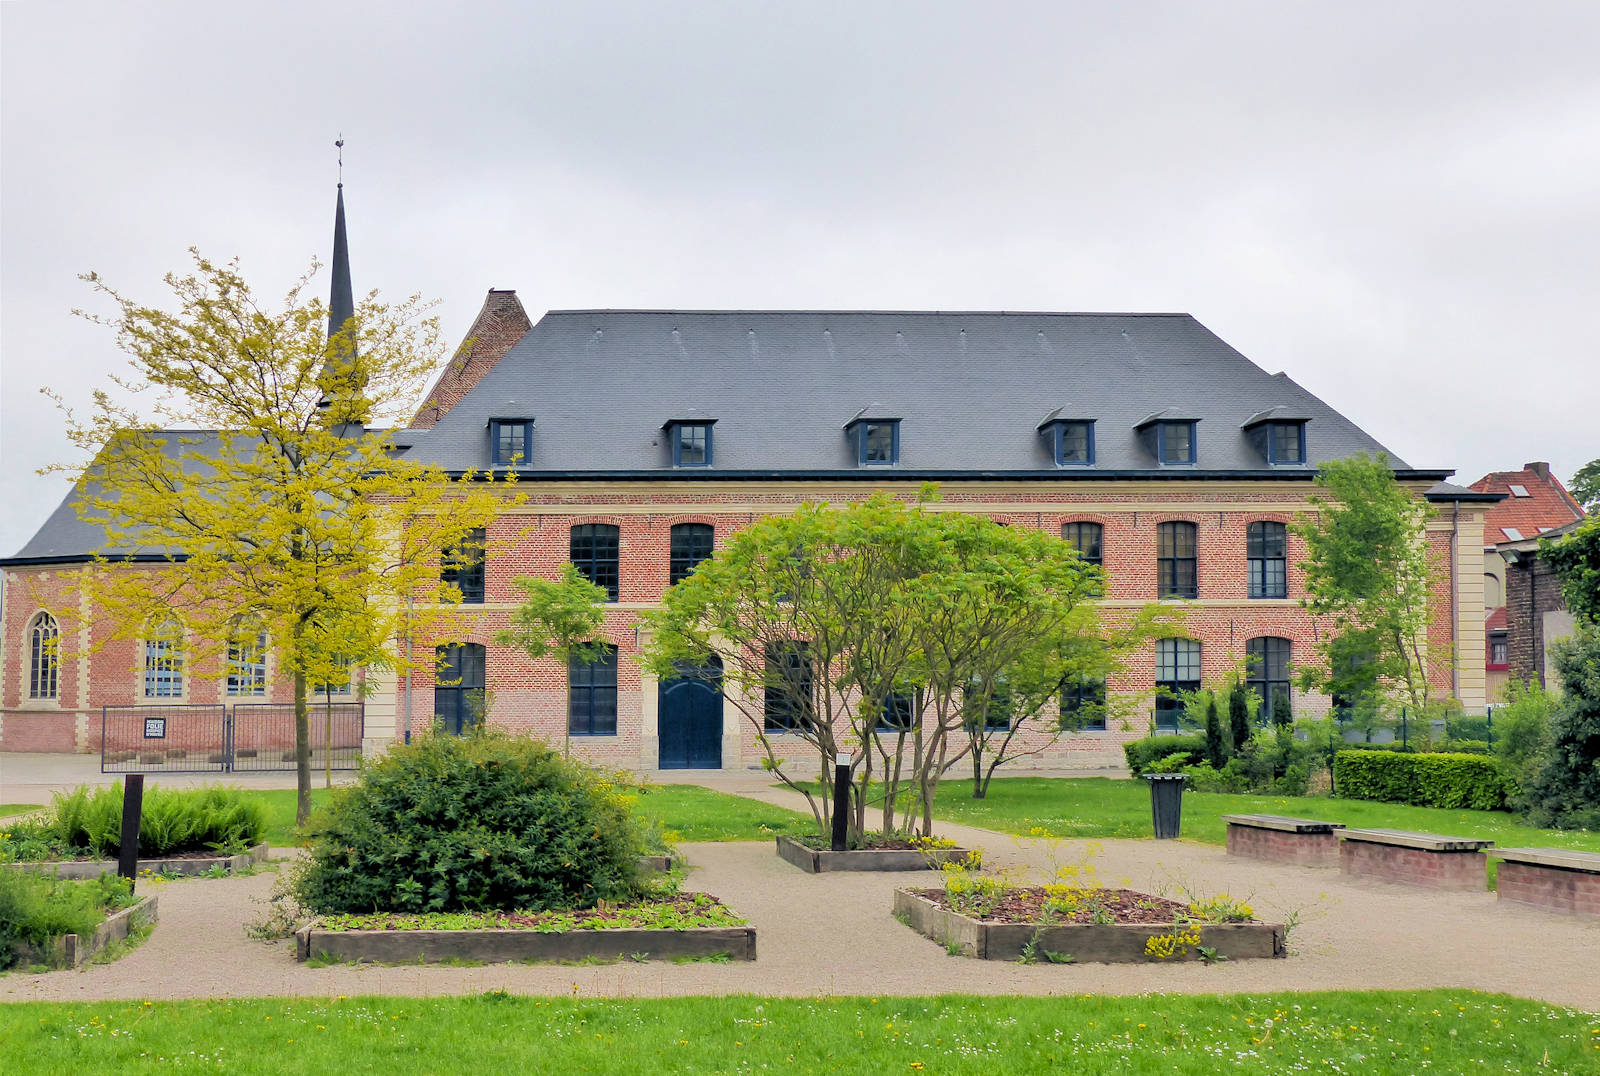 Le jardin de l'hospice d'Havré à tourcoing